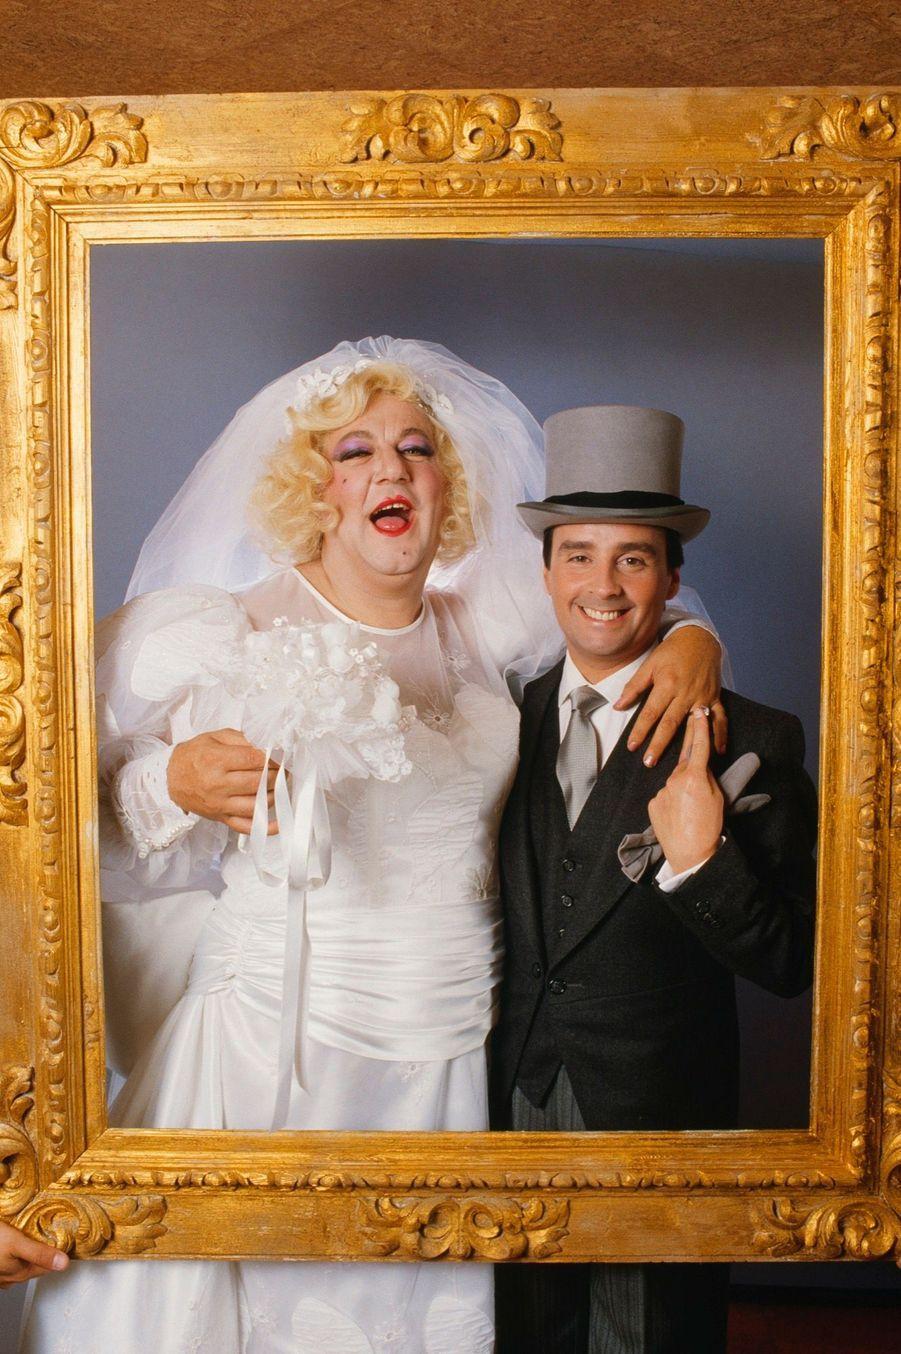 «Photo de mariage» de Coluche et Thierry Le Luron, le 25 septembre 1985.